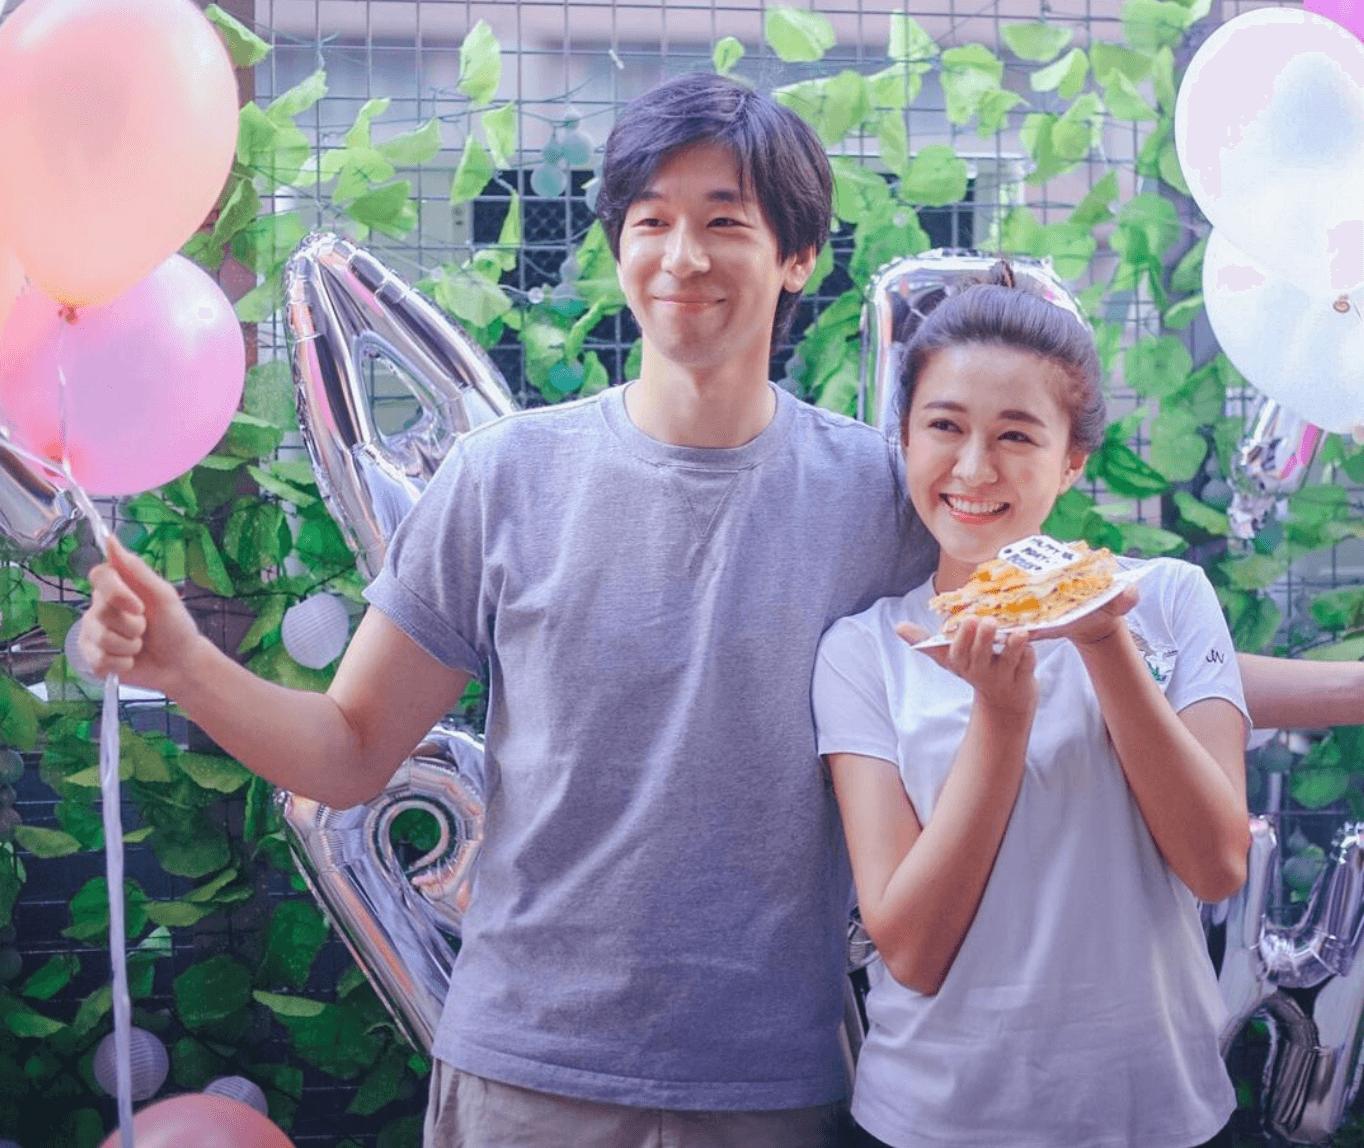 江嘉敏與男友拍拖兩年,十分甜蜜